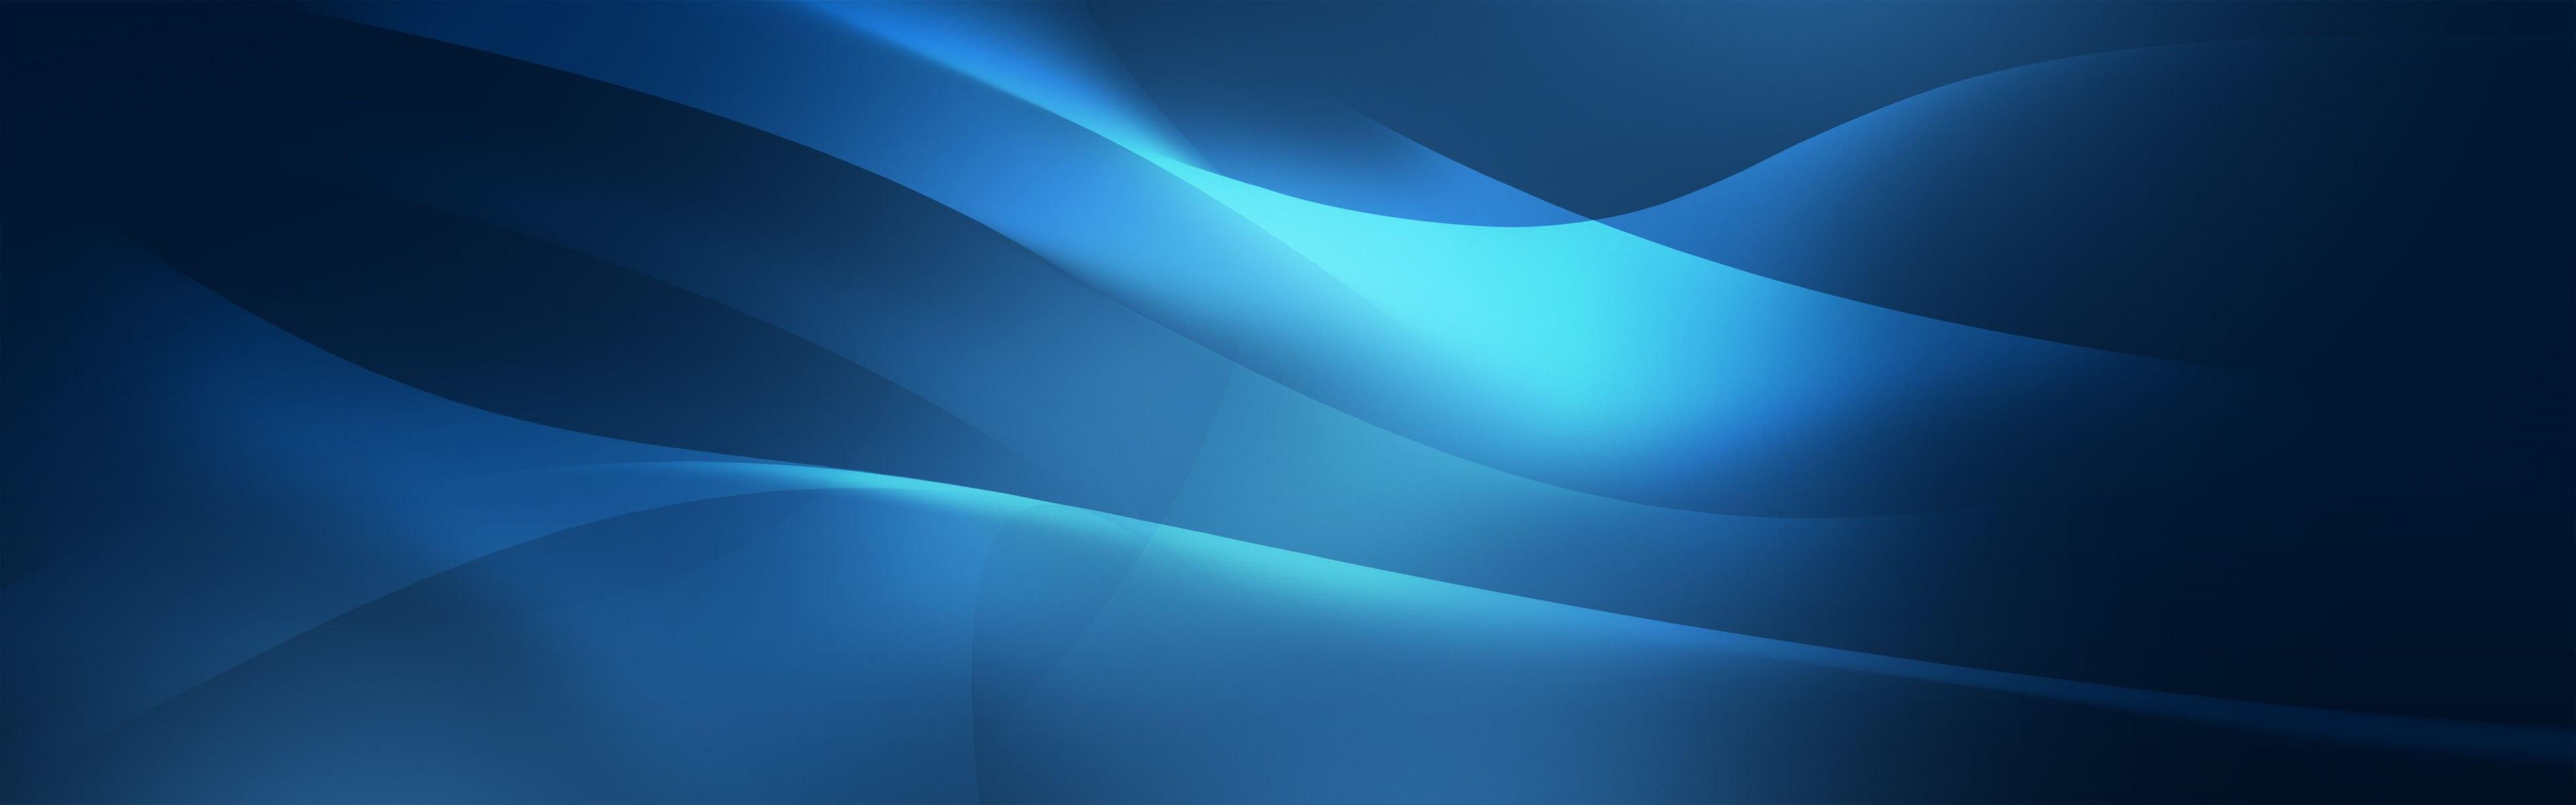 Dual monitor wallpaper 3840x1200 HQ WALLPAPER   31737 3840x1200